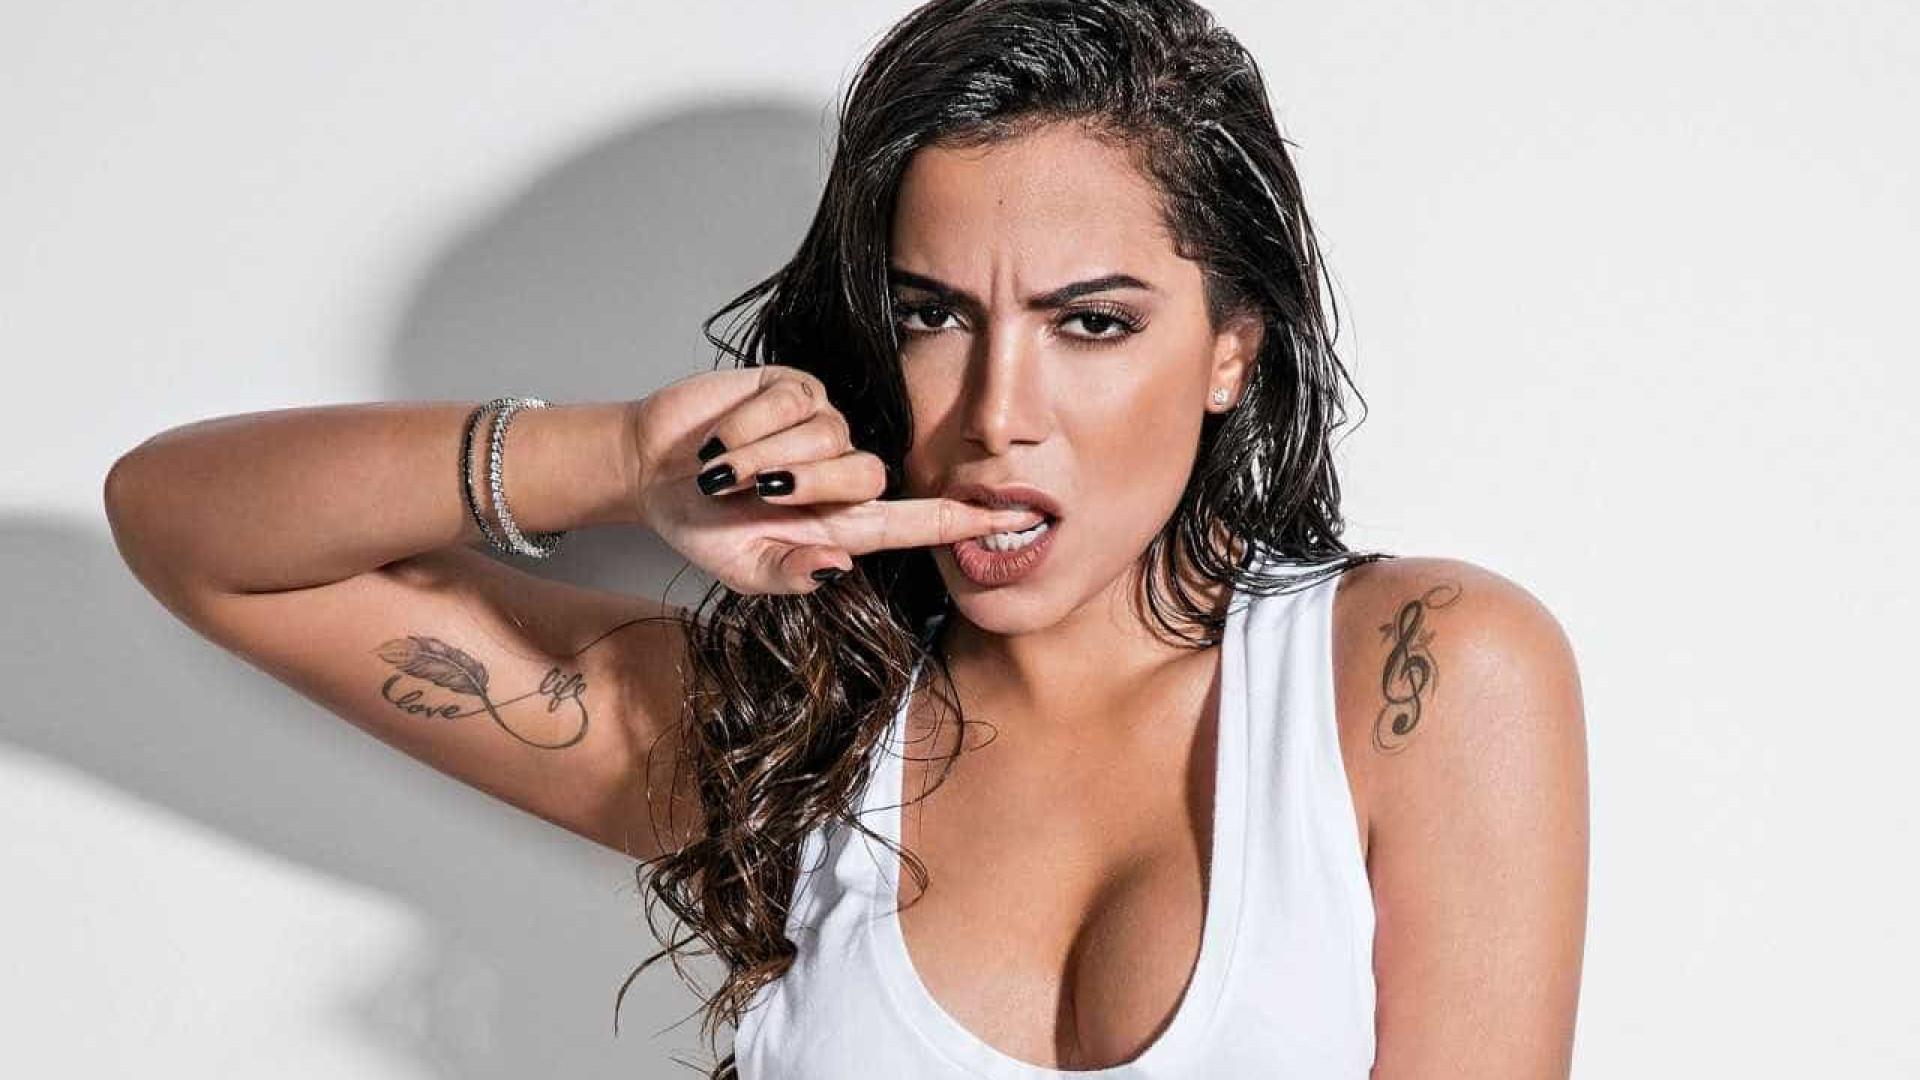 Anitta diz que não vê problema em se relacionar  com mulheres